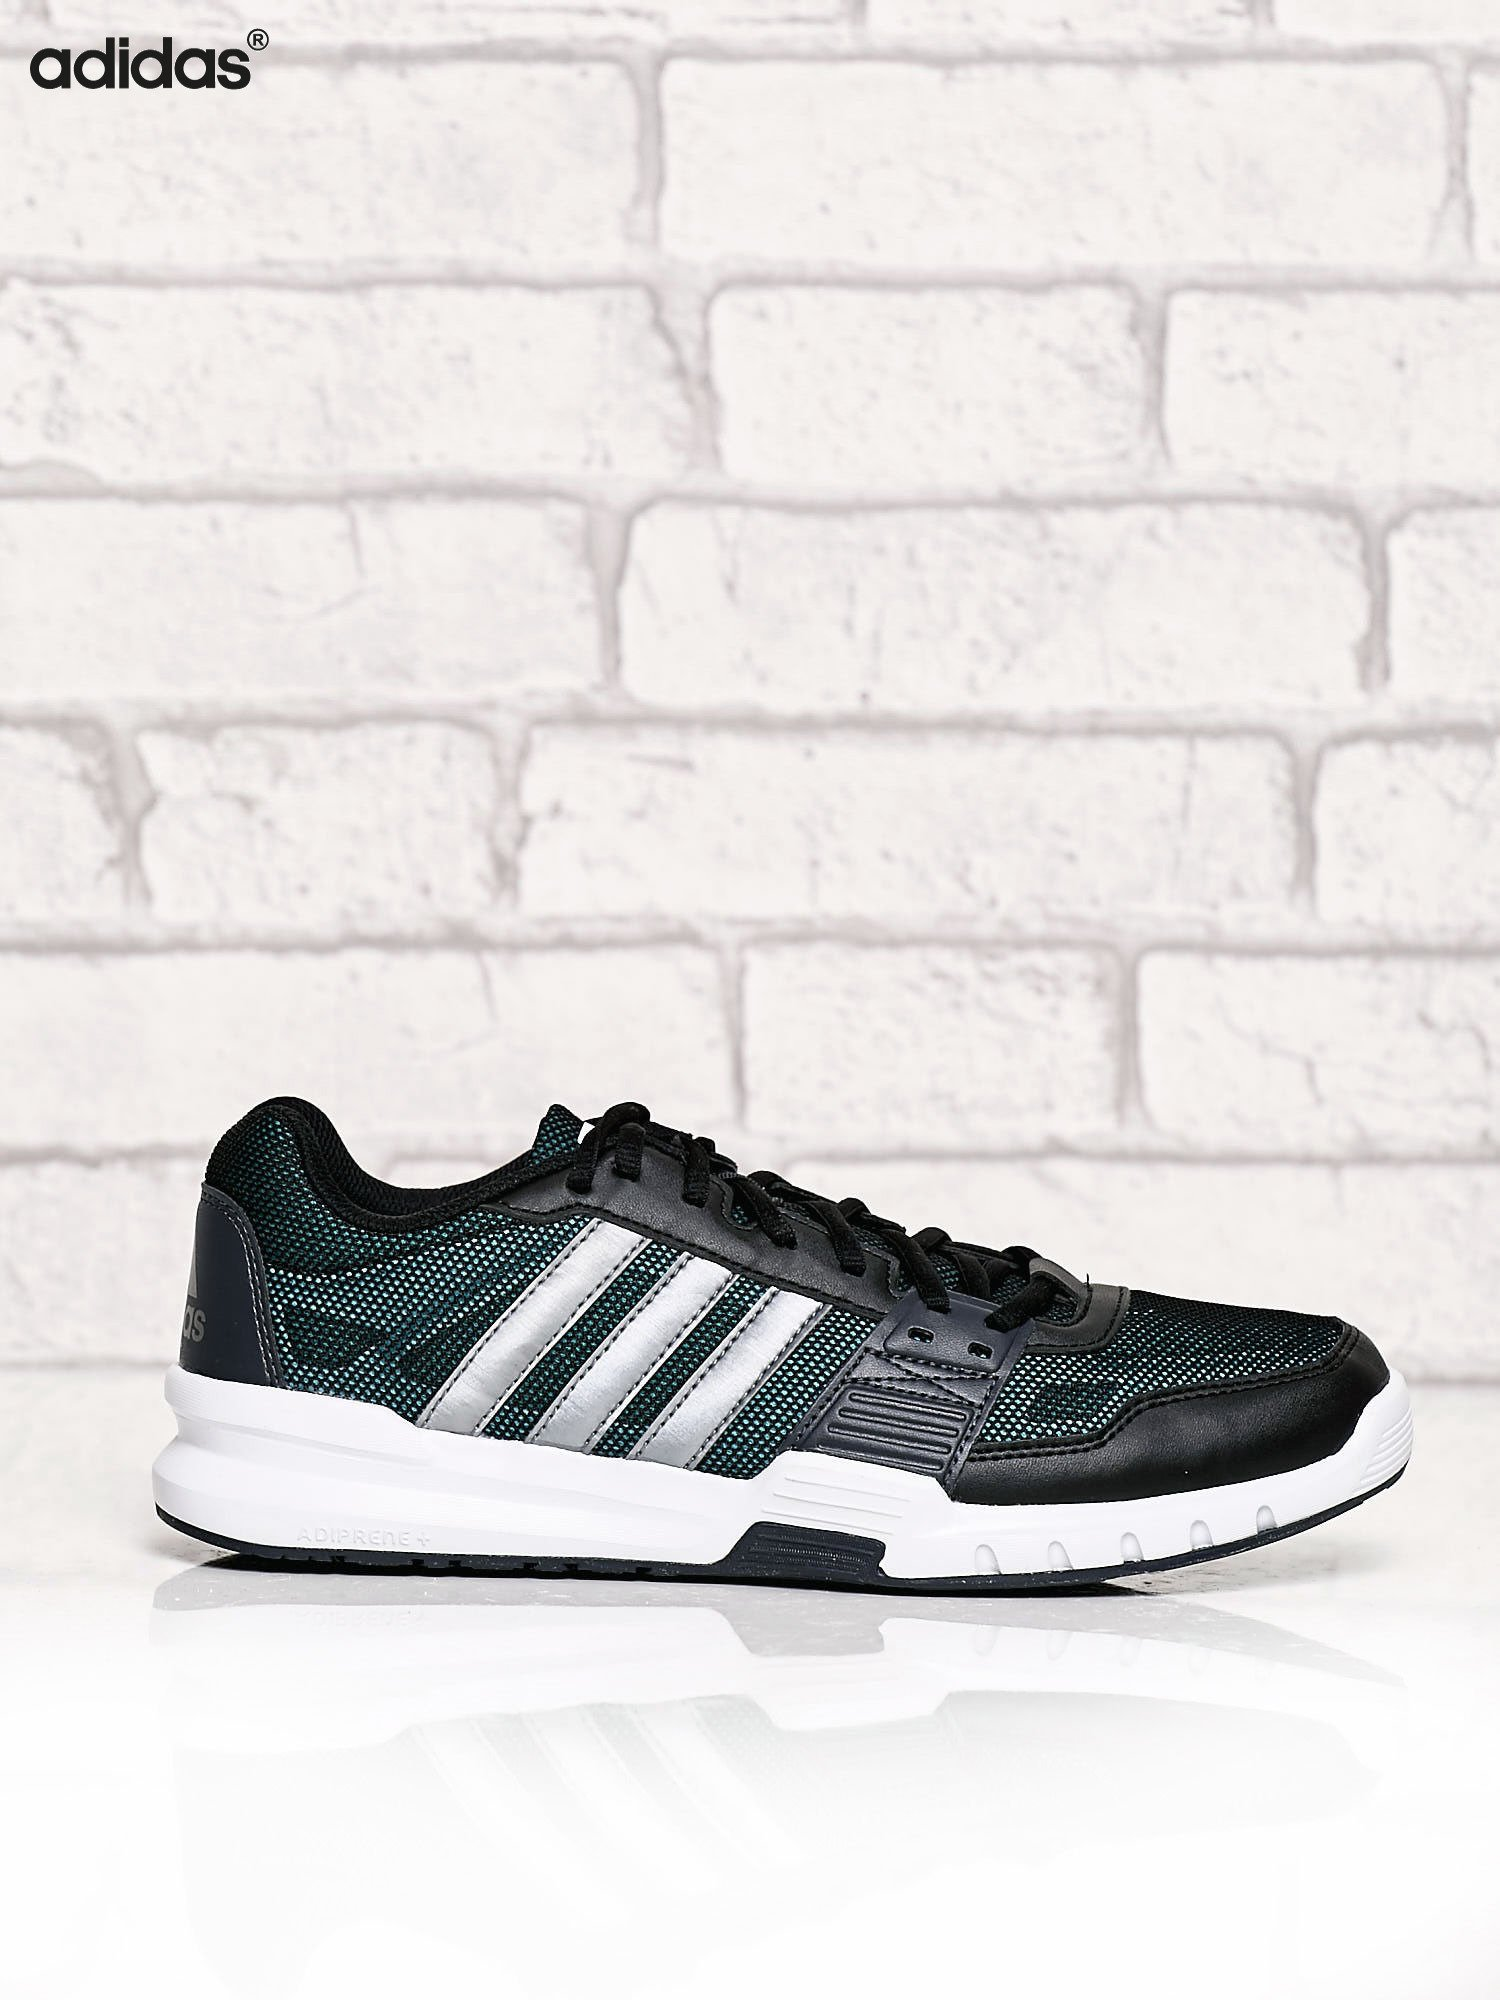 172a7524 ADIDAS czarne buty męskie Essential Star 2 sportowe z siateczką ...